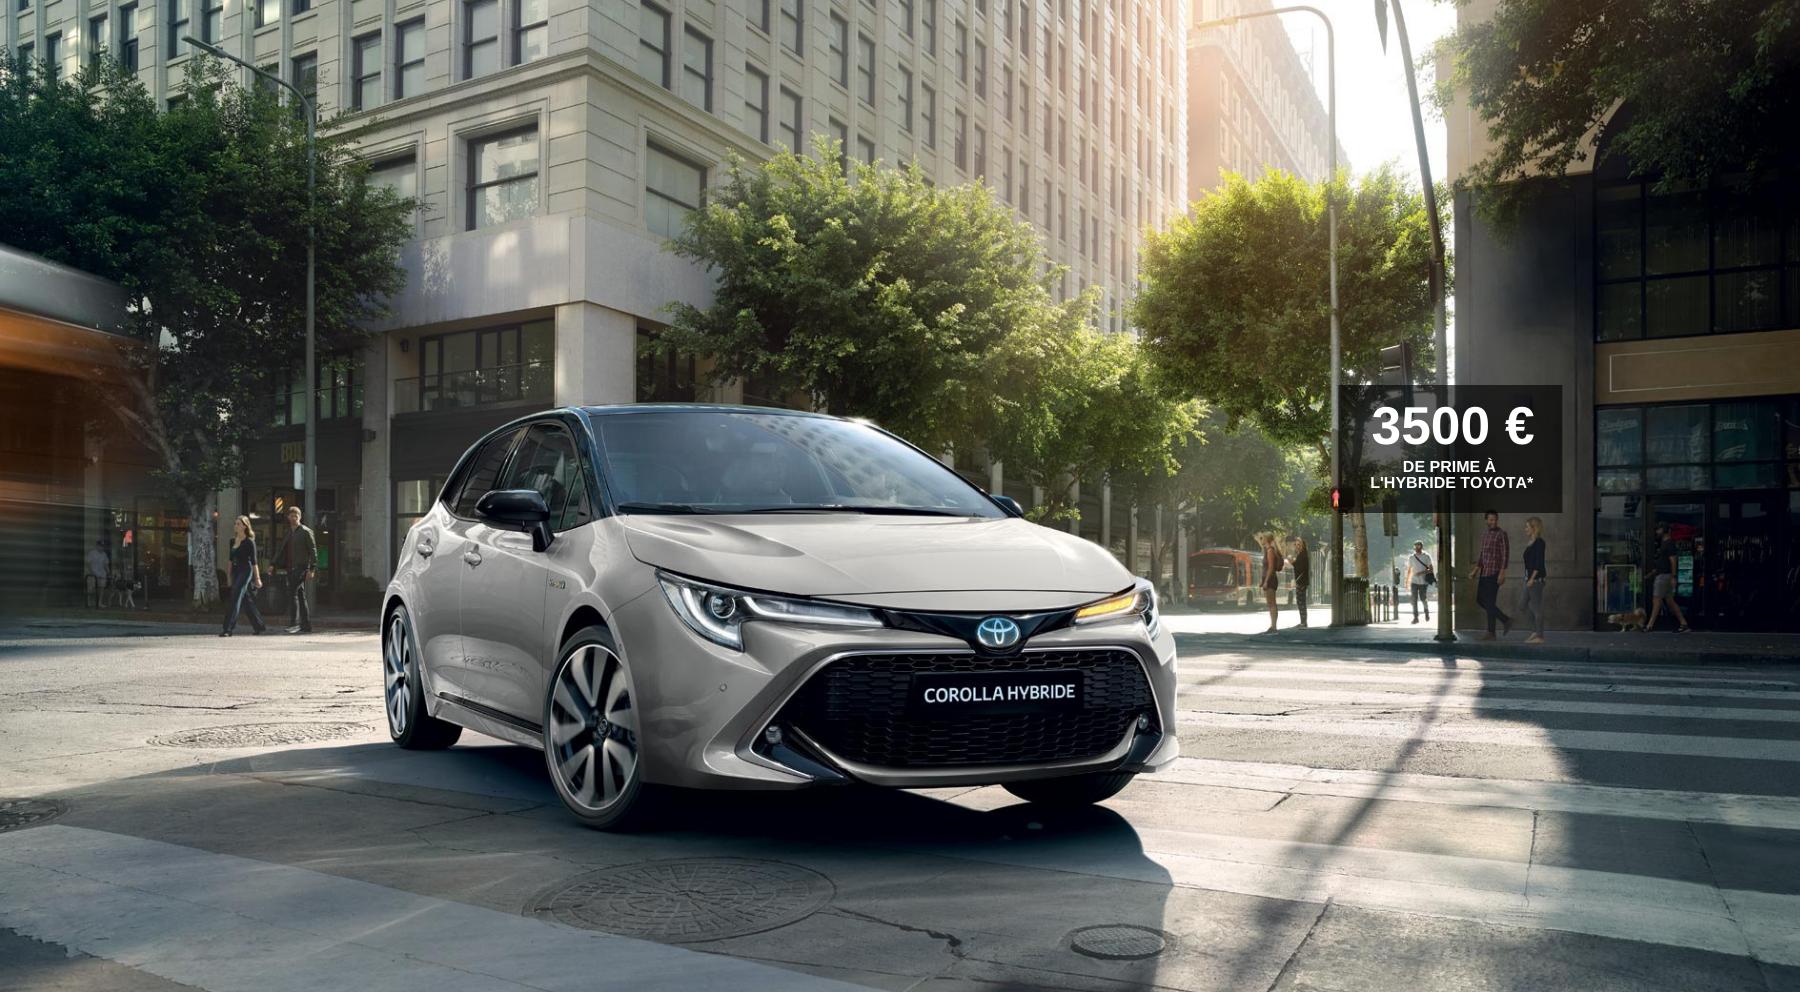 3500 € de prime à l'hybride Toyota (2).png